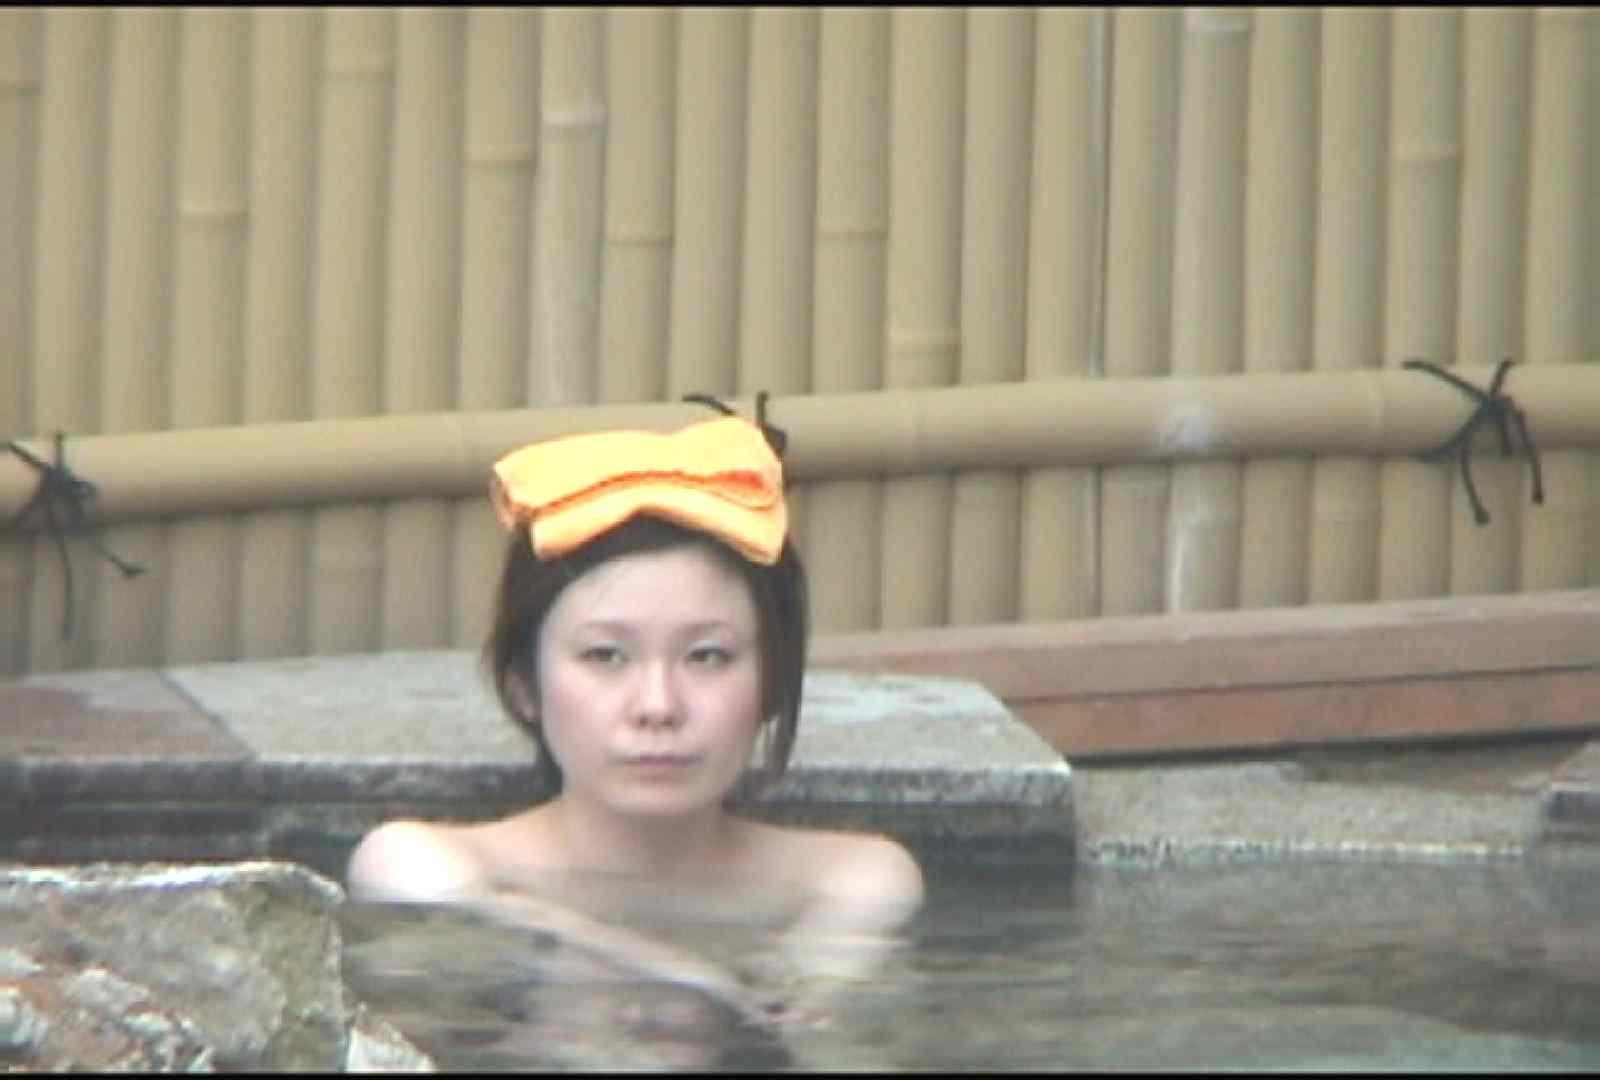 Aquaな露天風呂Vol.177 盗撮師作品 | 美しいOLの裸体  102pic 16